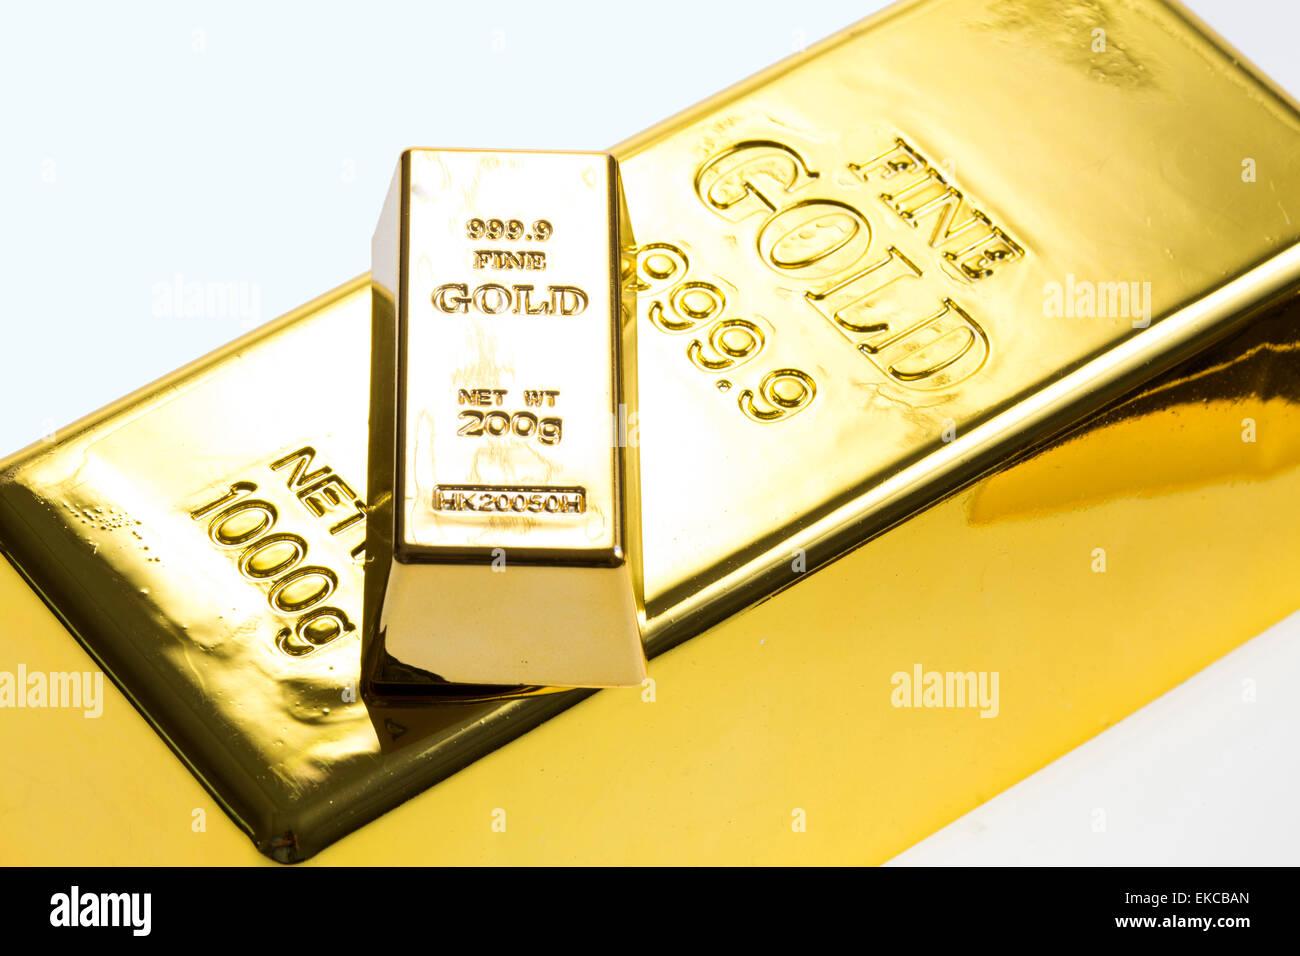 Gold bar, gold bullion, gold ingot - Stock Image